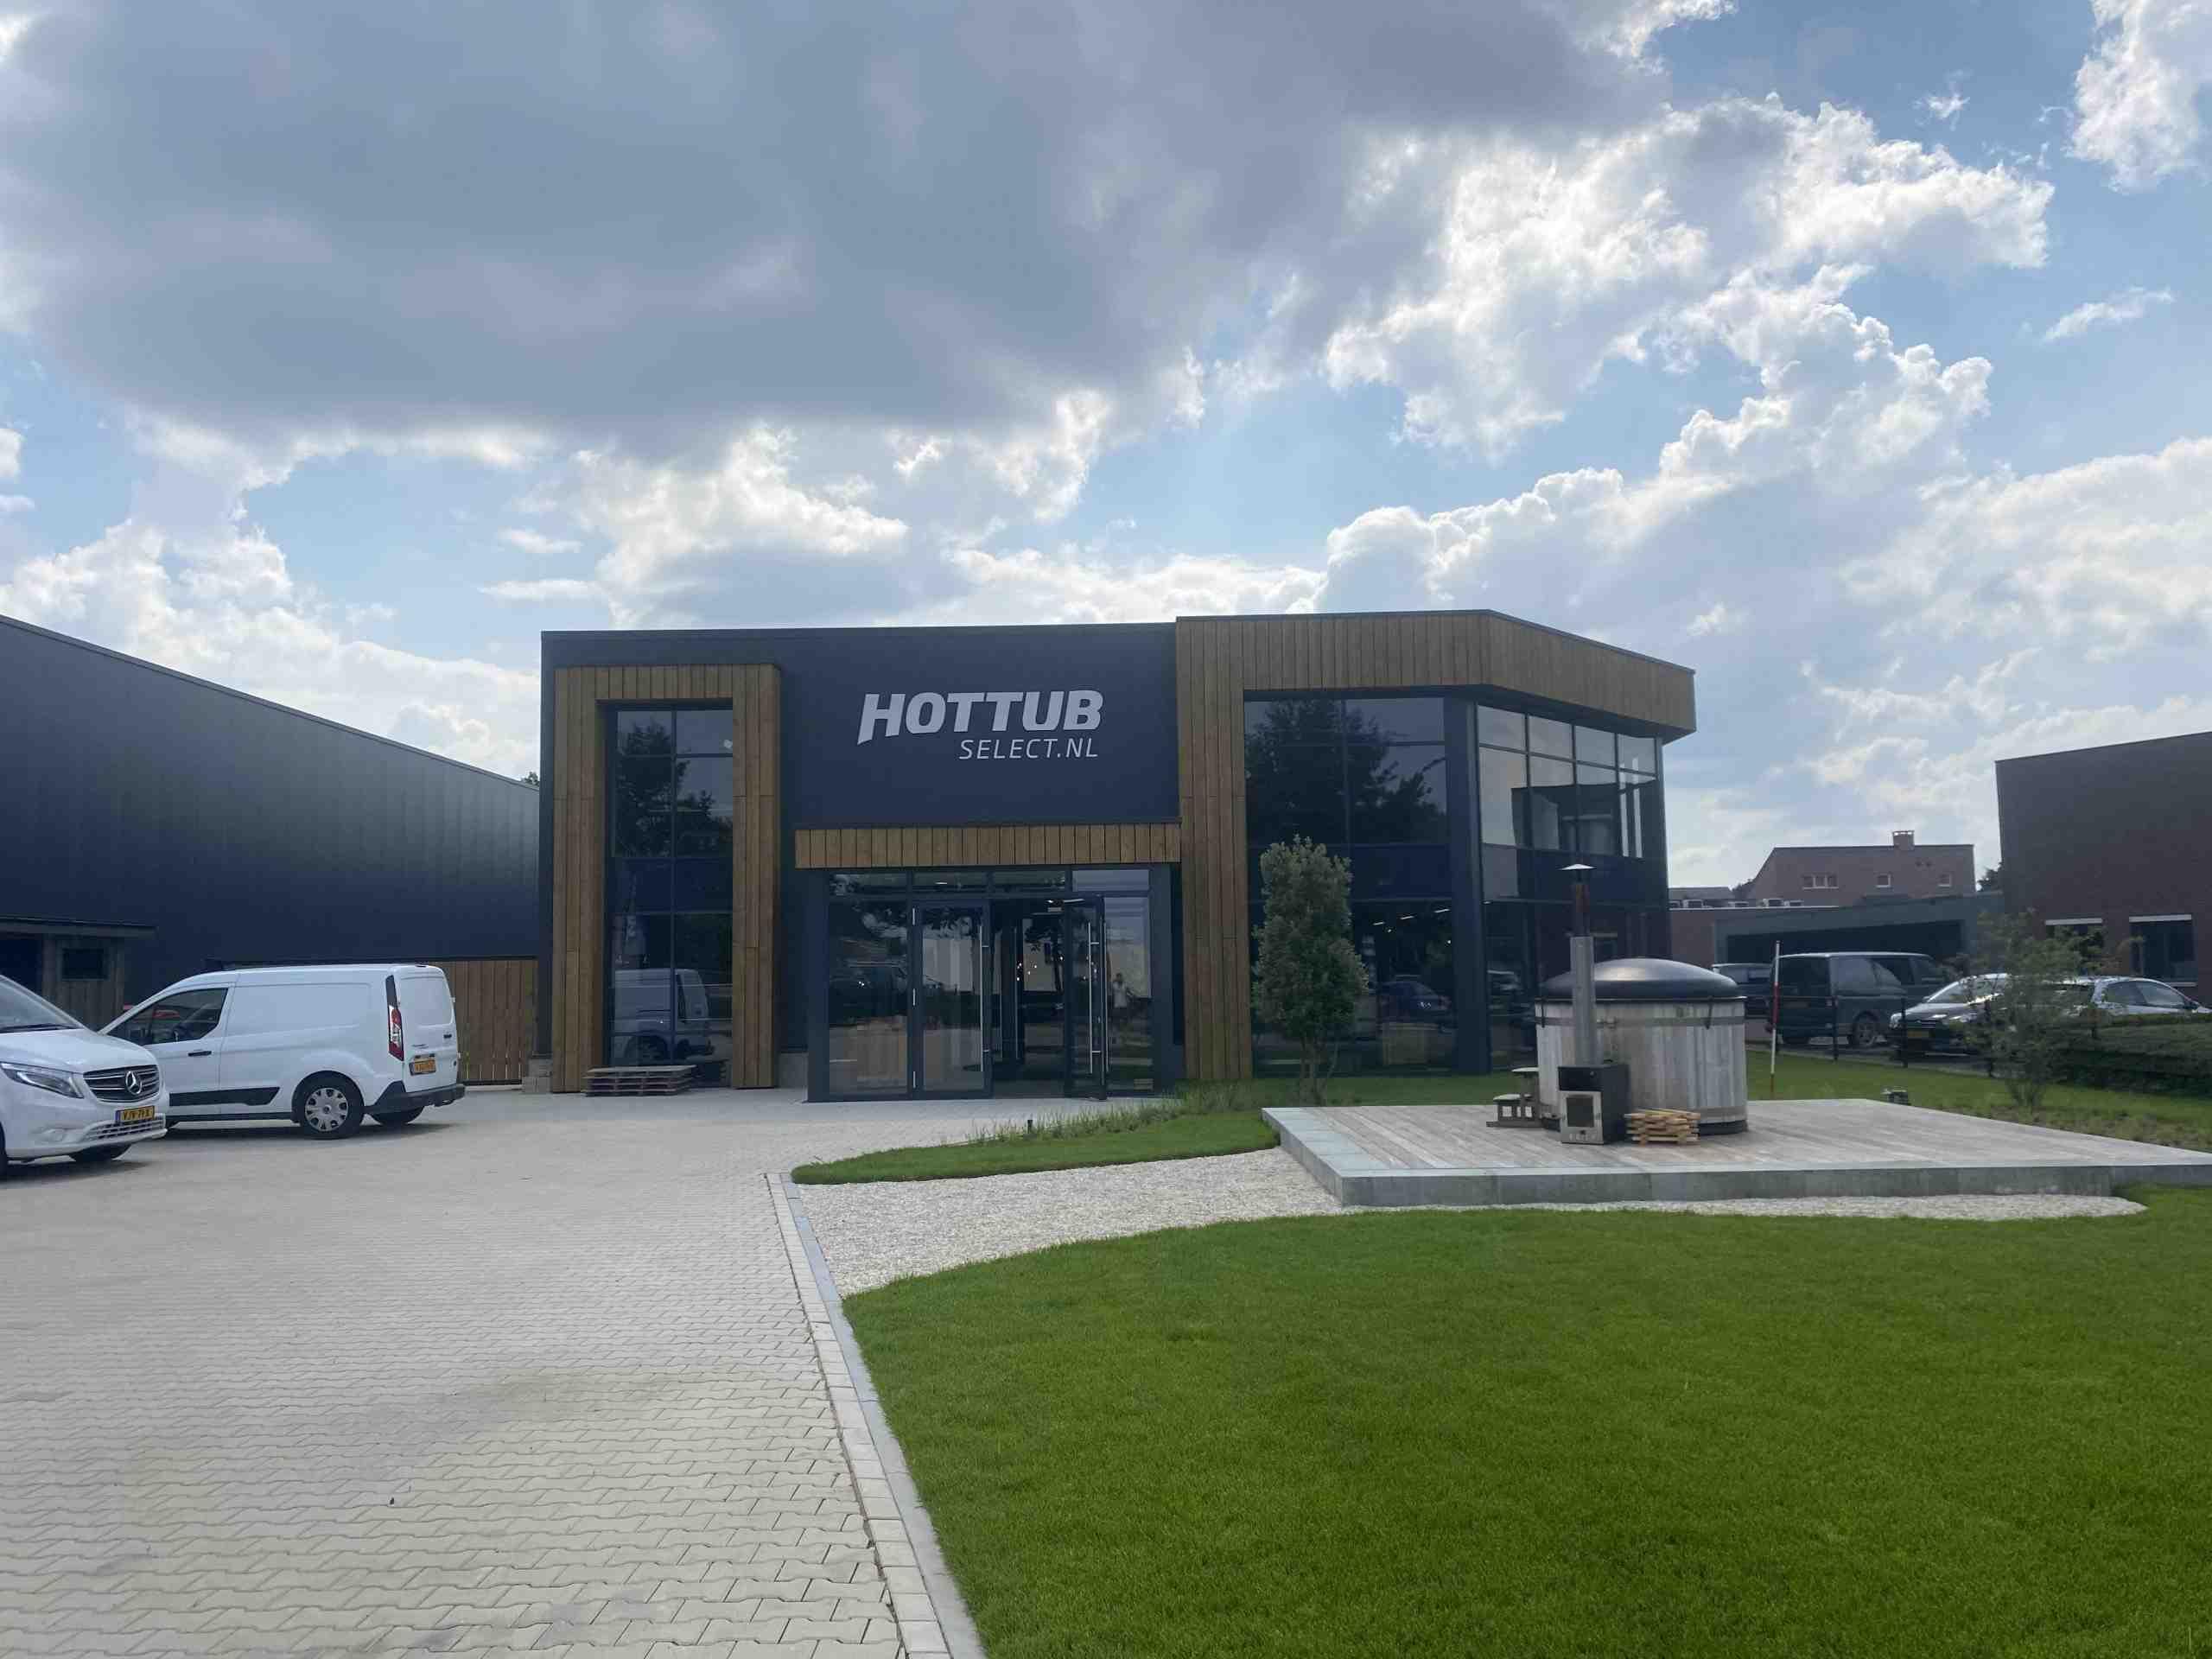 Nieuwbouw bedrijfshal Hottub Select Mill.